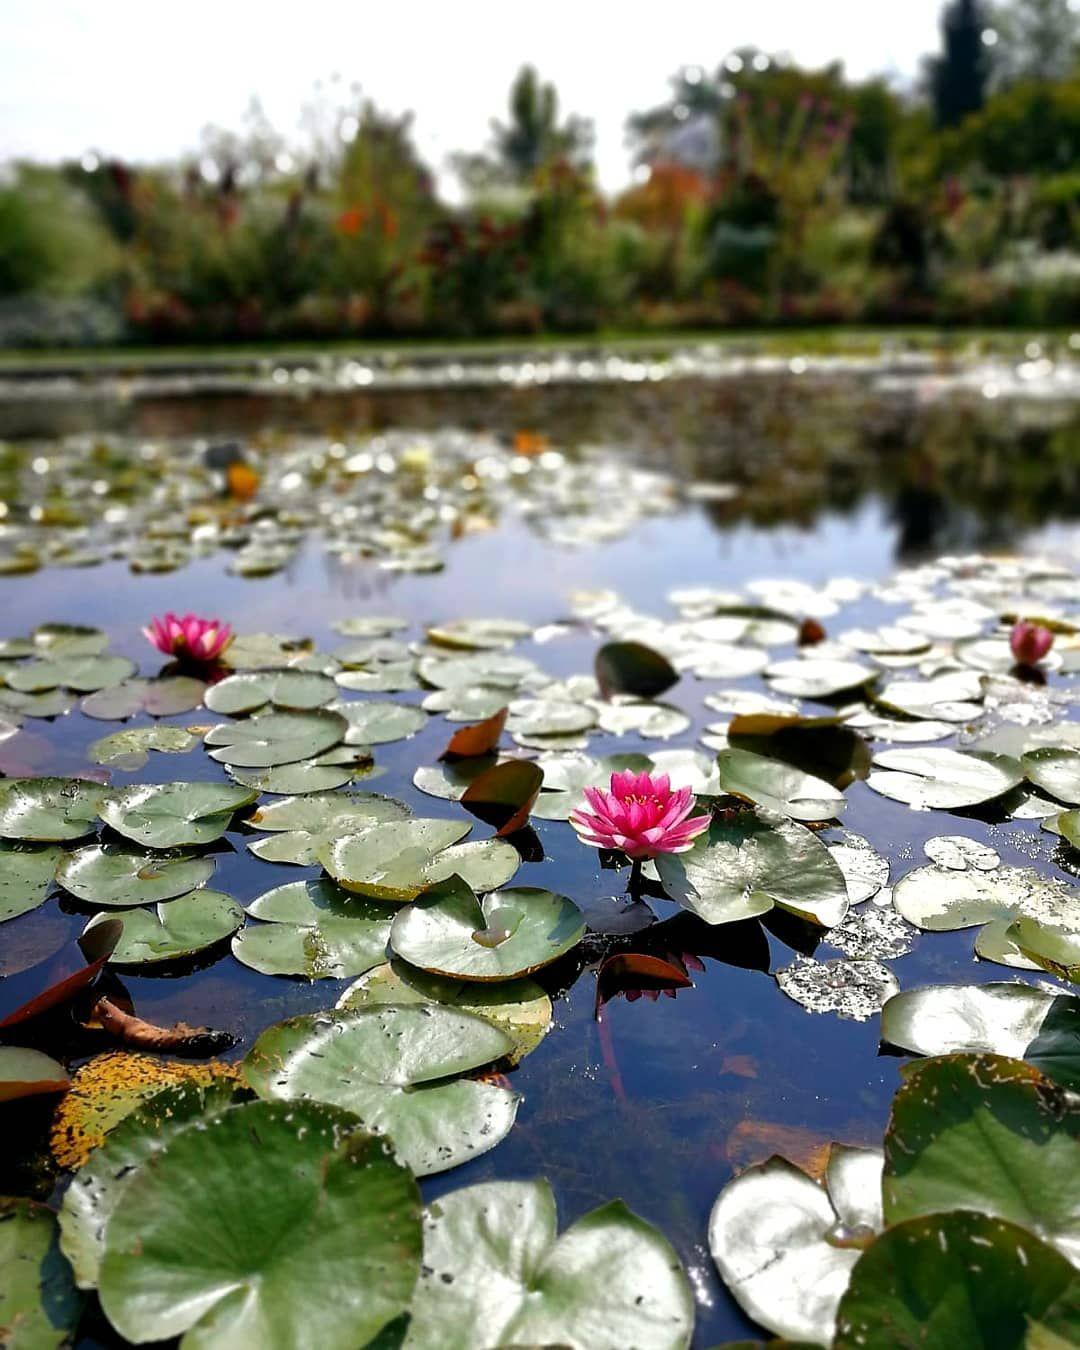 Botanischer Garten Munchen Nymphenburg Der Botanische Garten Besitzt Uber 14 000 Pflanzenarten Aus Der Ganzen Welt In 2020 Instagram Outdoor Decor Outdoor